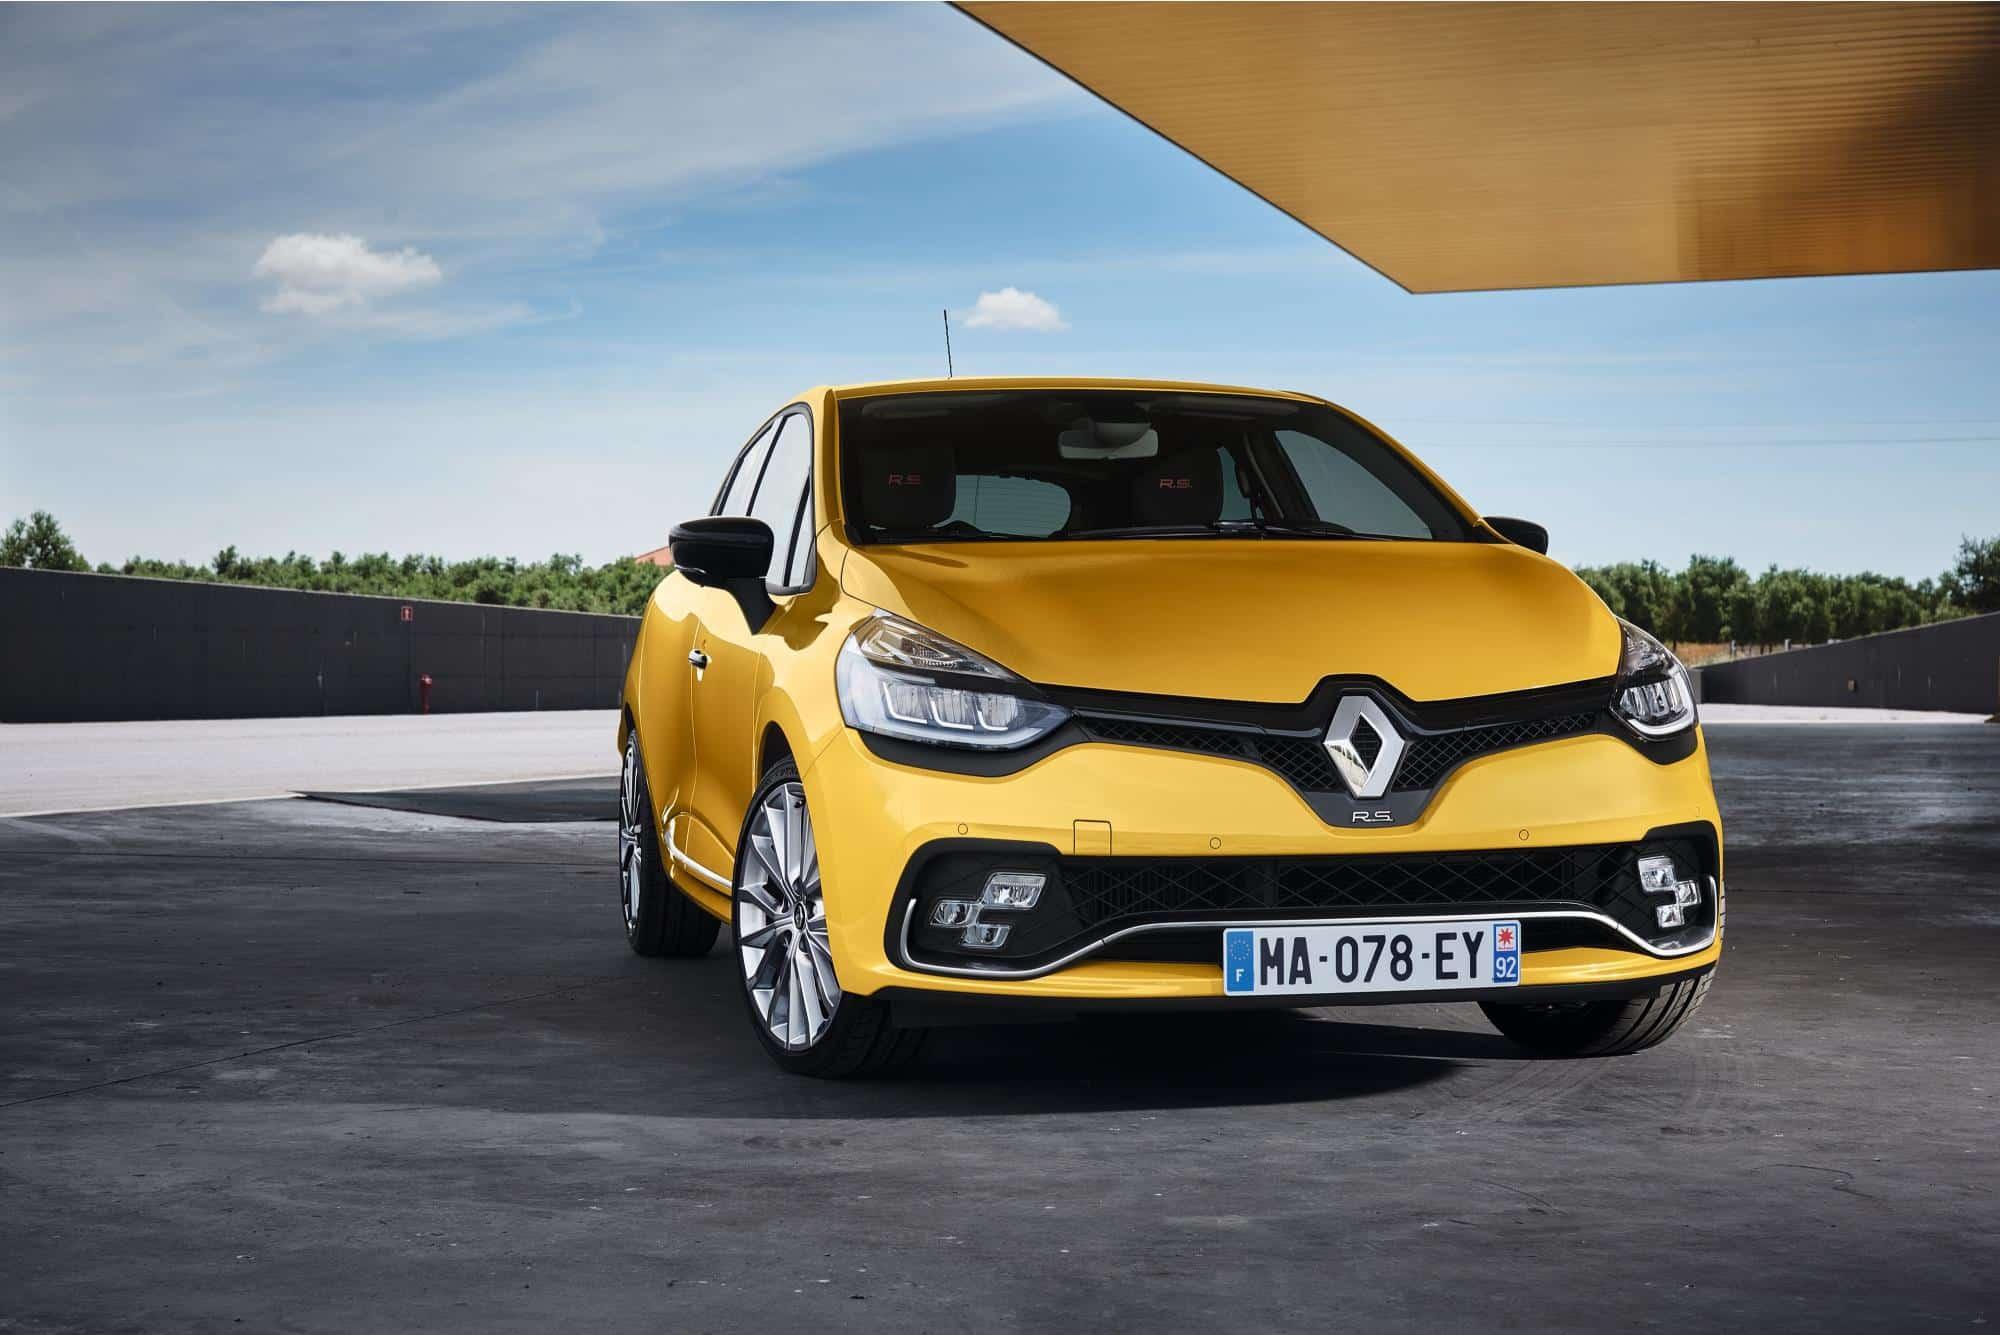 Así es el renovado Renault Clio RS: Se venderá con 200 y 220 CV